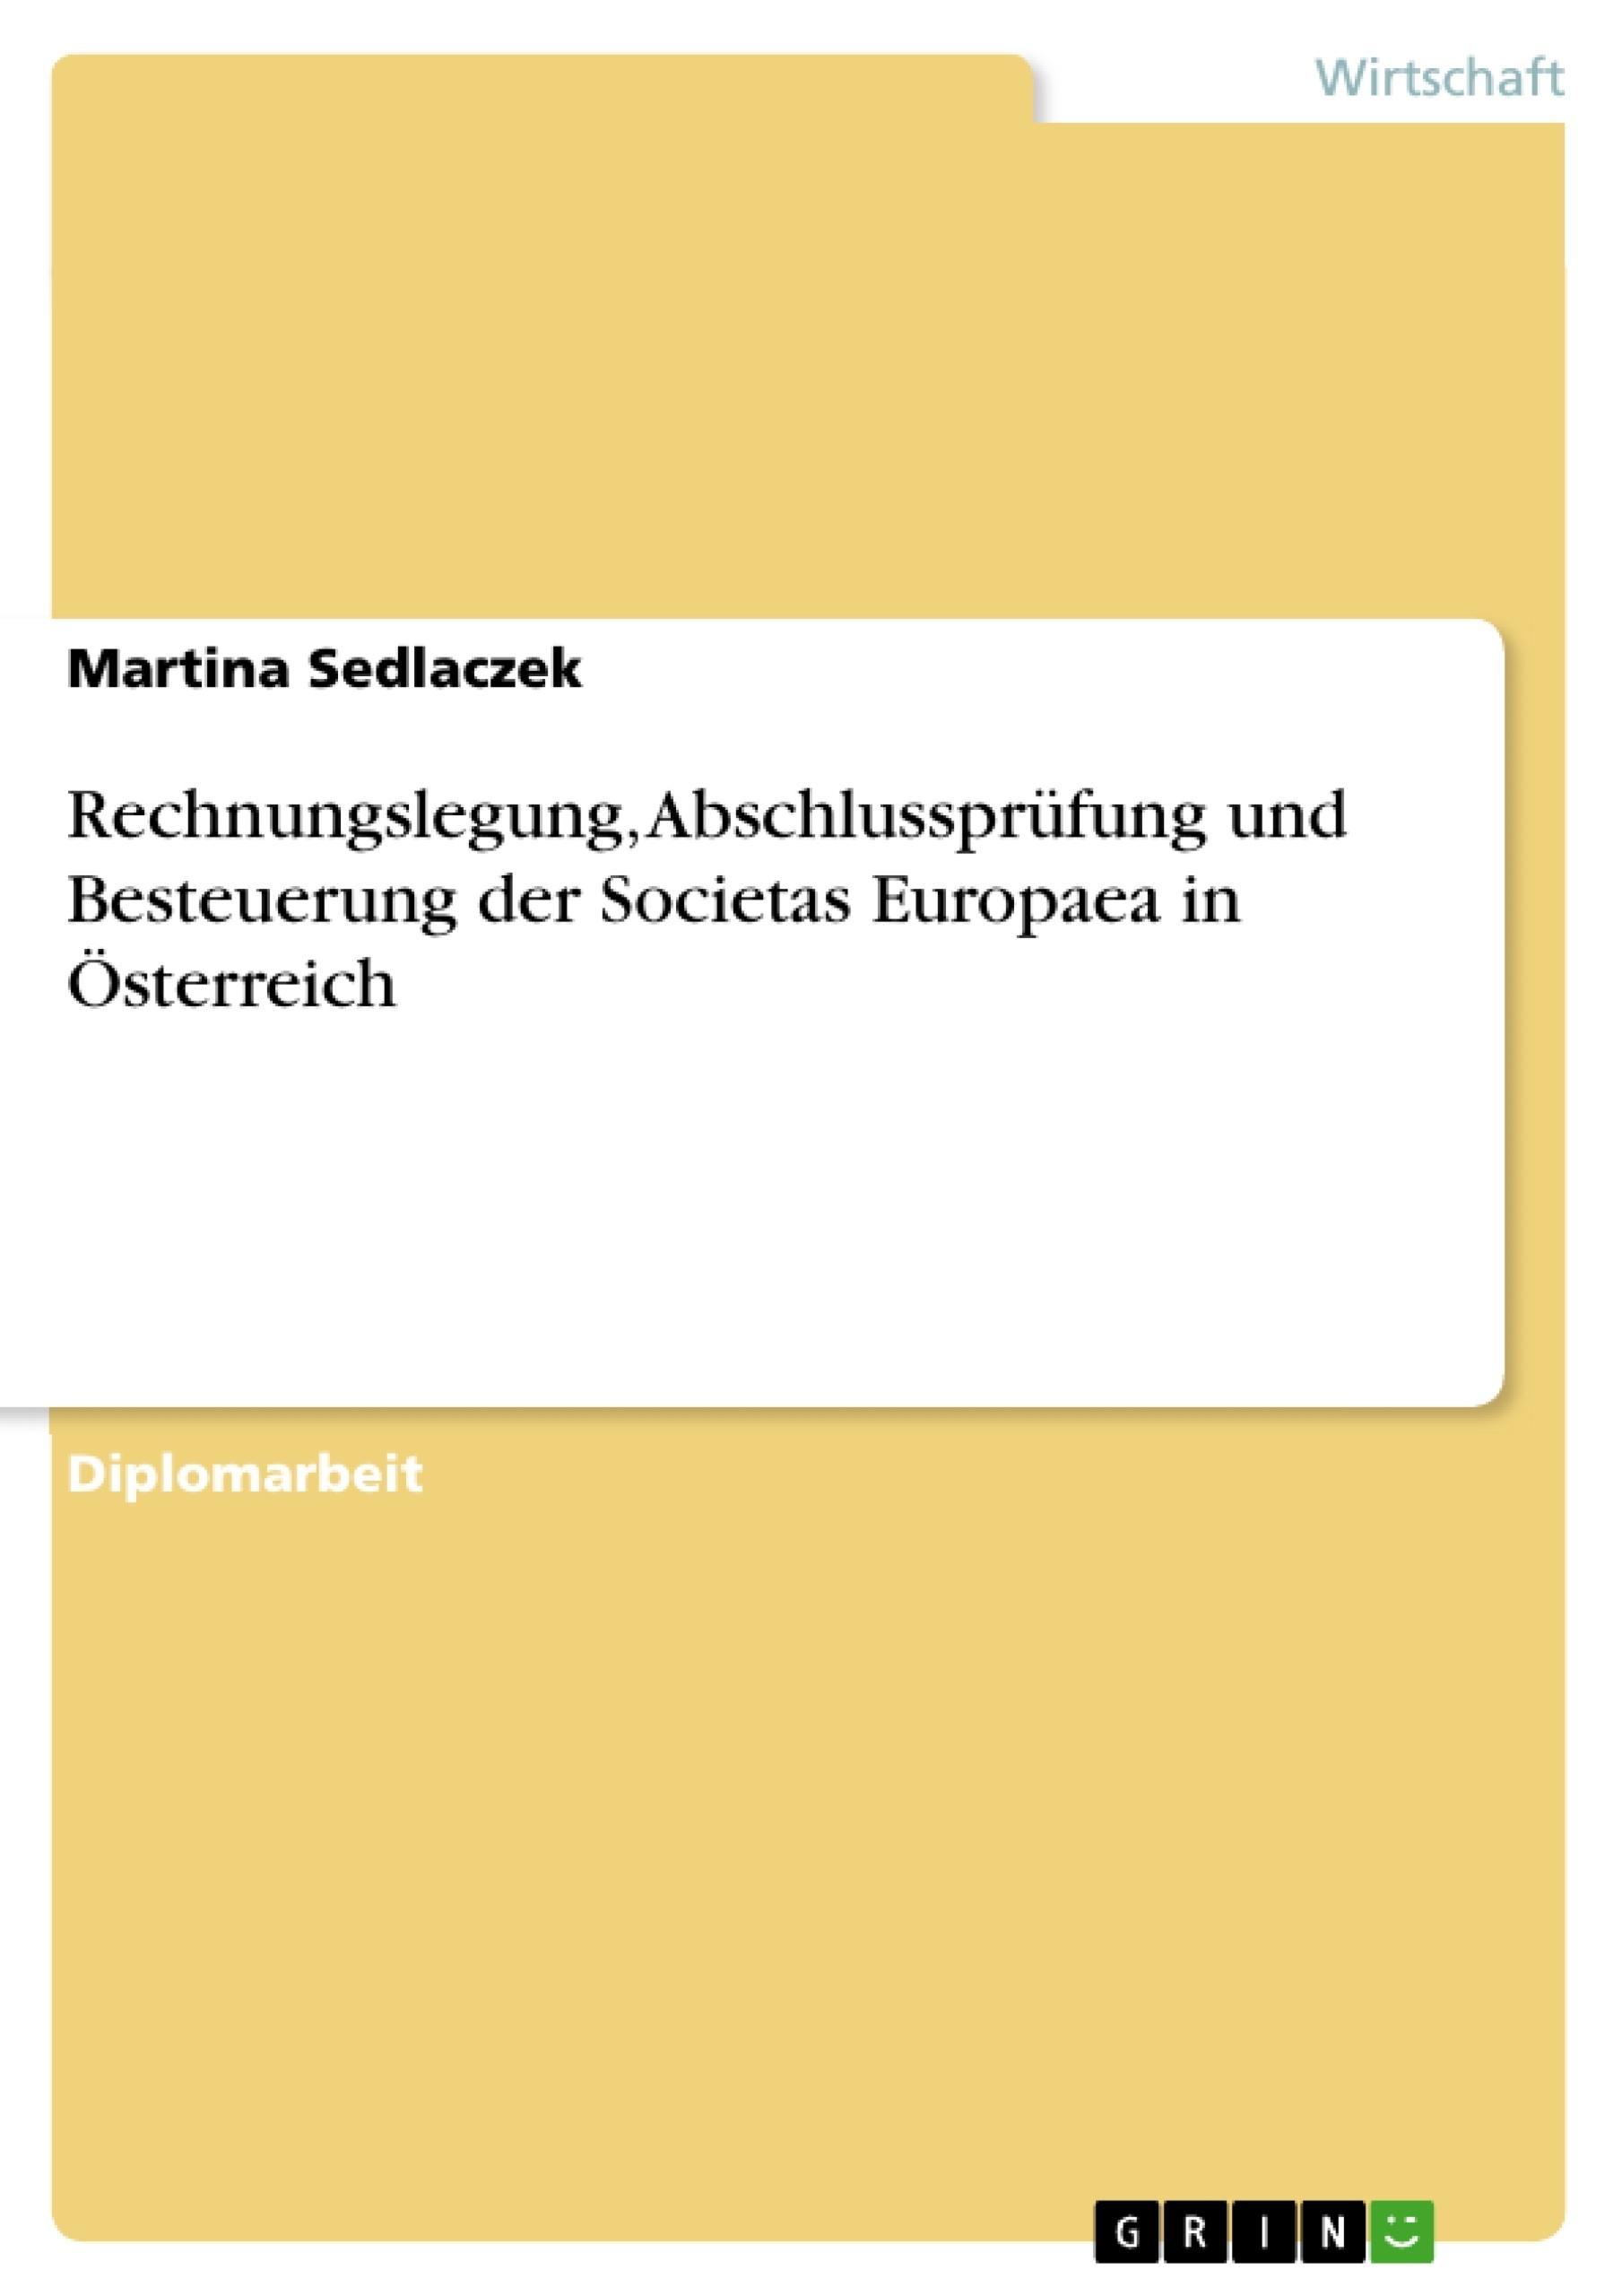 Titel: Rechnungslegung, Abschlussprüfung und Besteuerung der Societas Europaea in Österreich